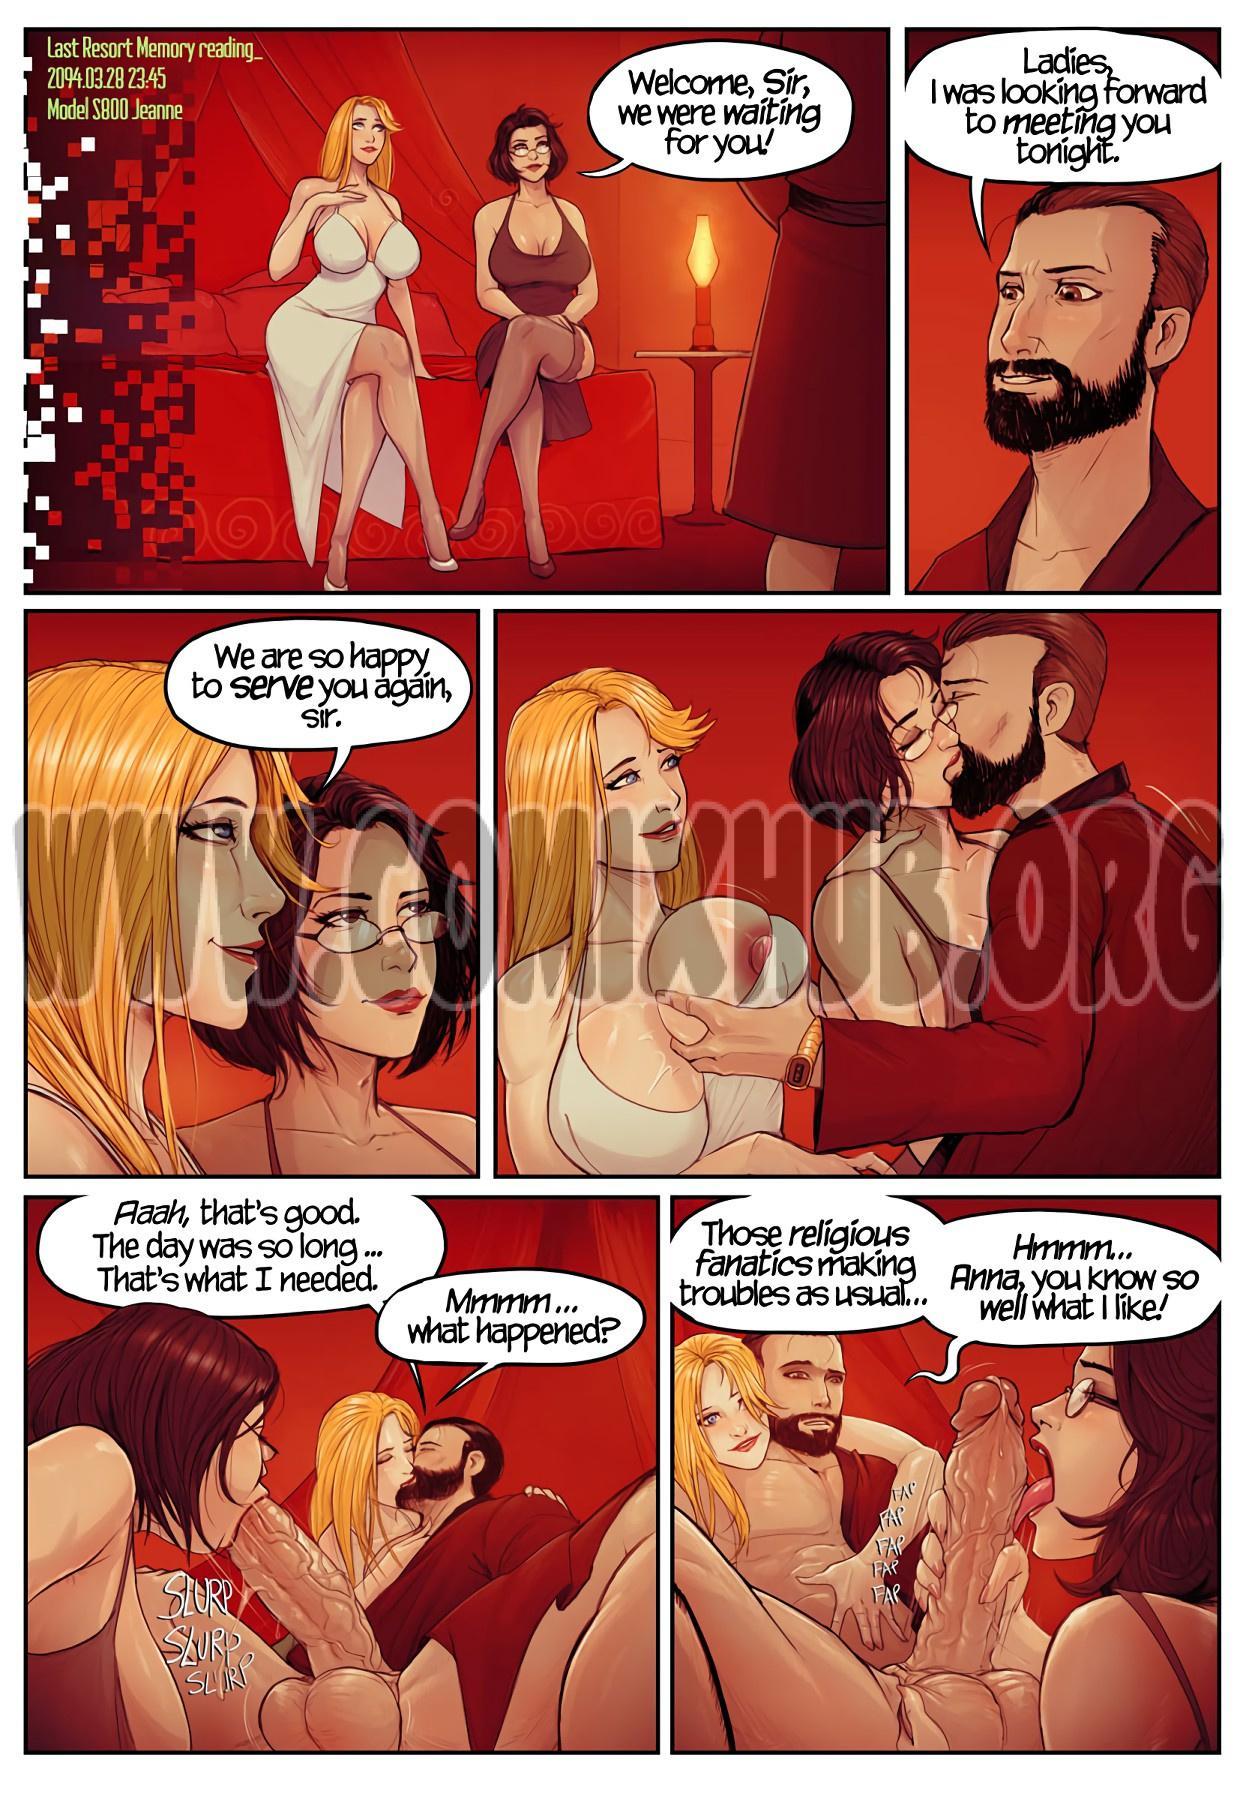 Last Resort Episode 0 porn comics Oral sex, Big Tits, Blowjob, Cum Shots, Glasses, Straight, Threesome, Titfuck